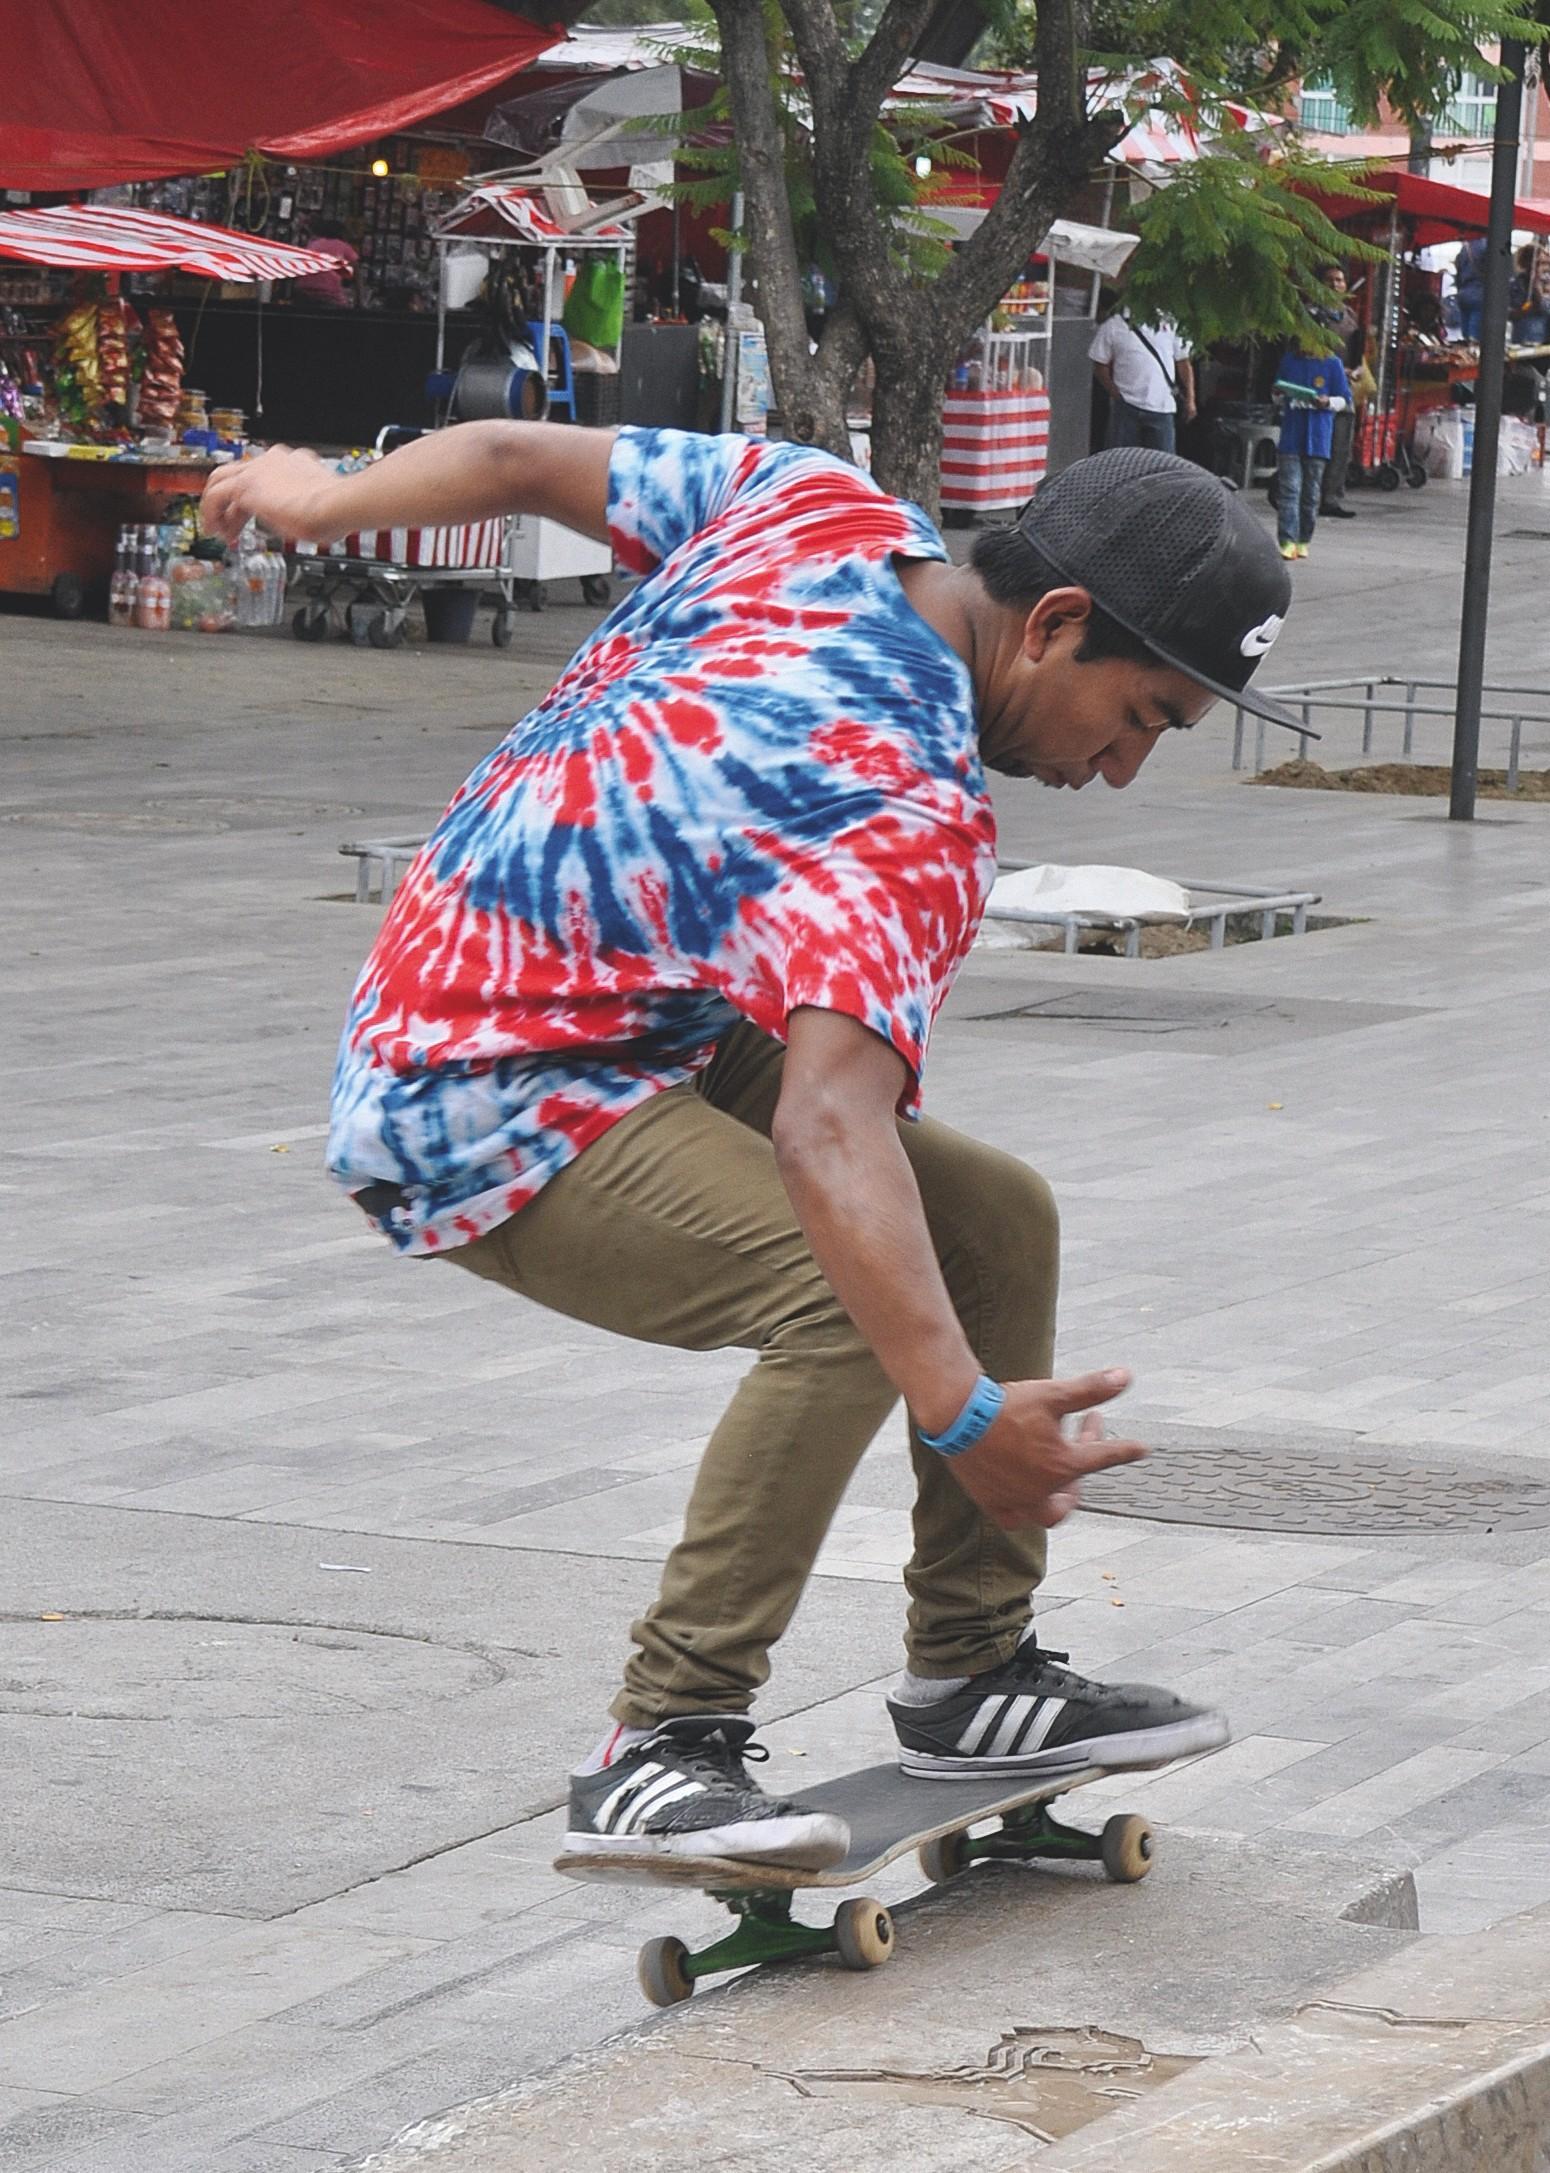 Grind Skate